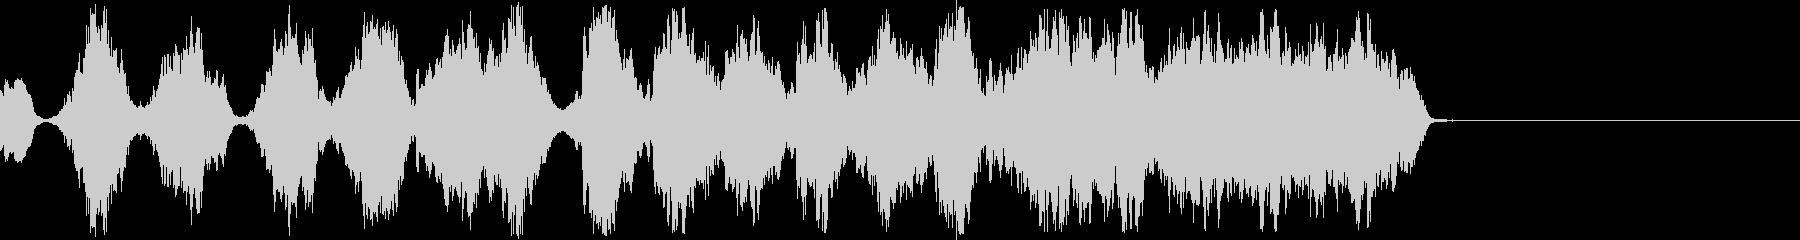 機械的な恐怖音の未再生の波形